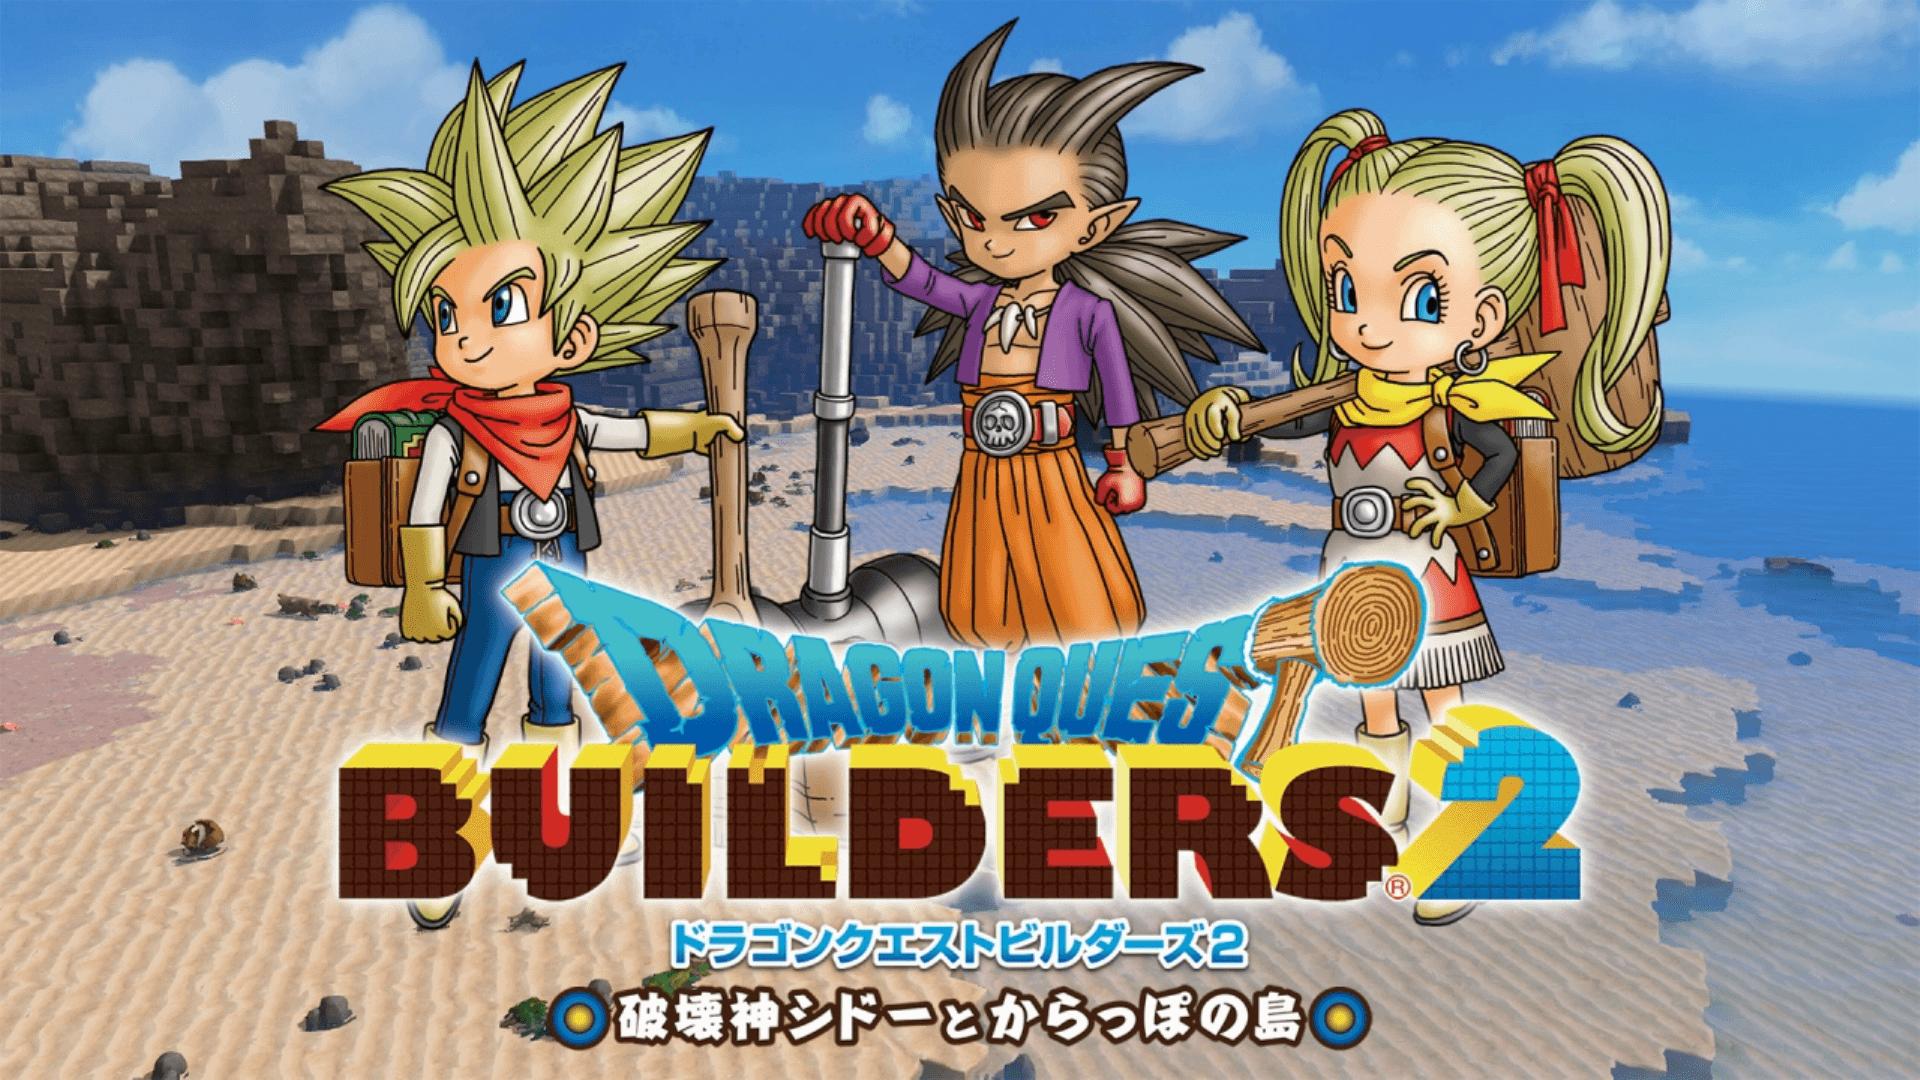 Dragon Quest Builders 2 NintendOn